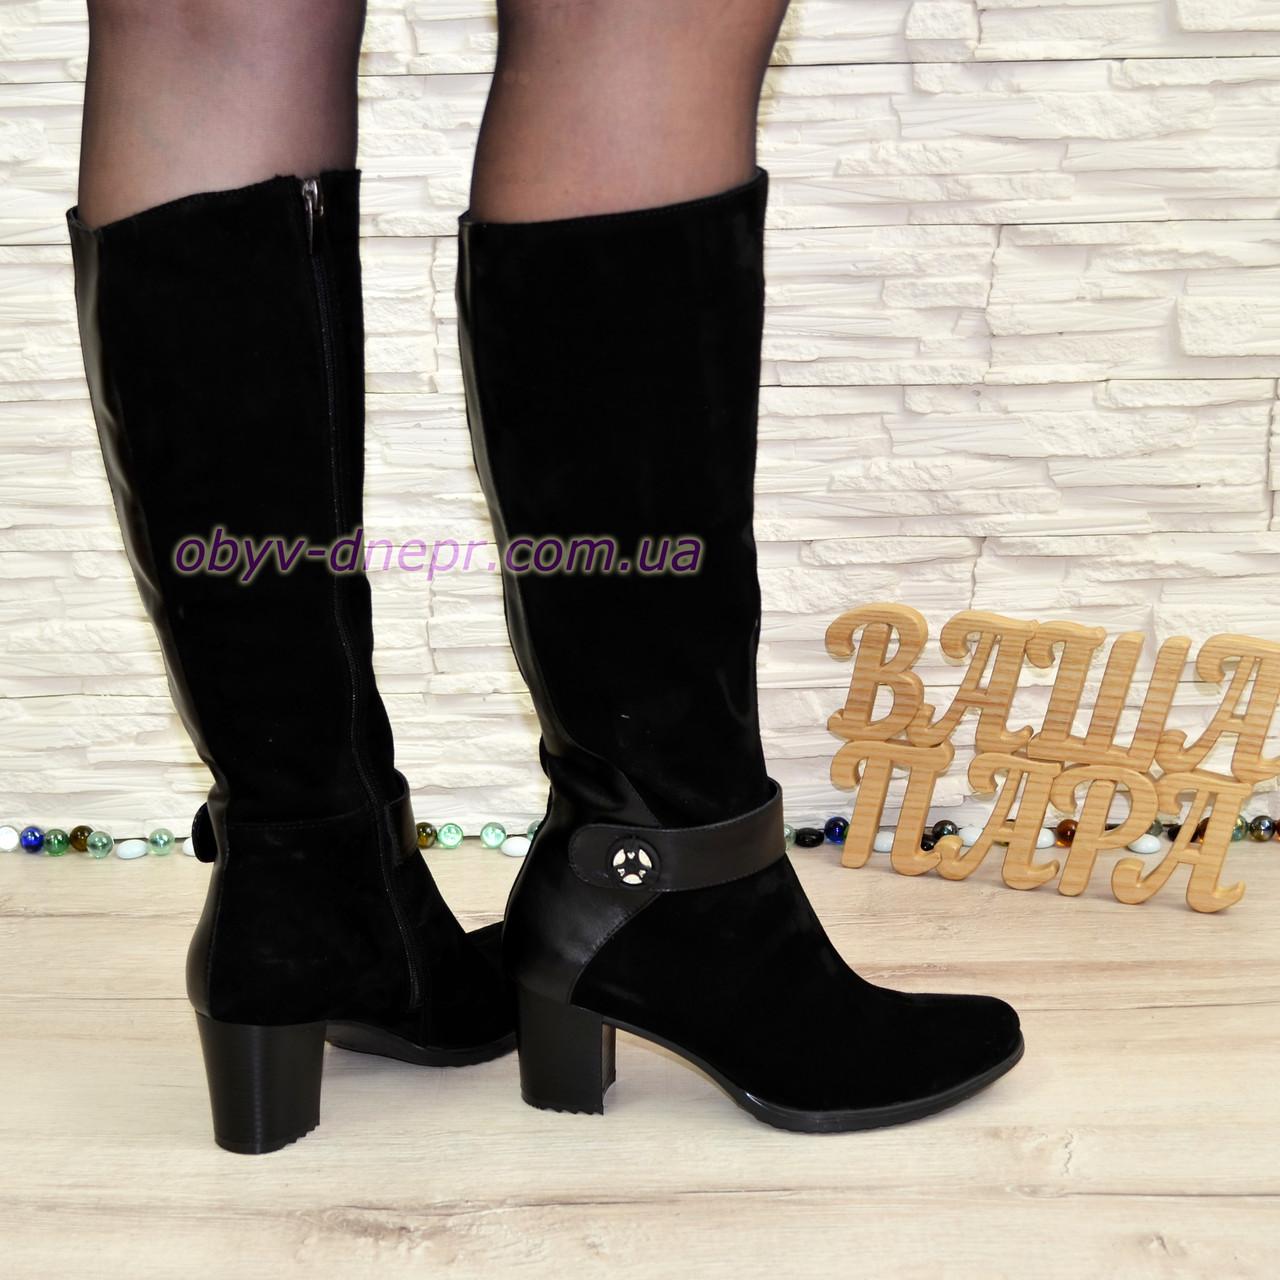 9ea6b74cb Зимние женские сапоги из натуральной замши черного цвета на невысоком  каблуке. - Интернет-магазин